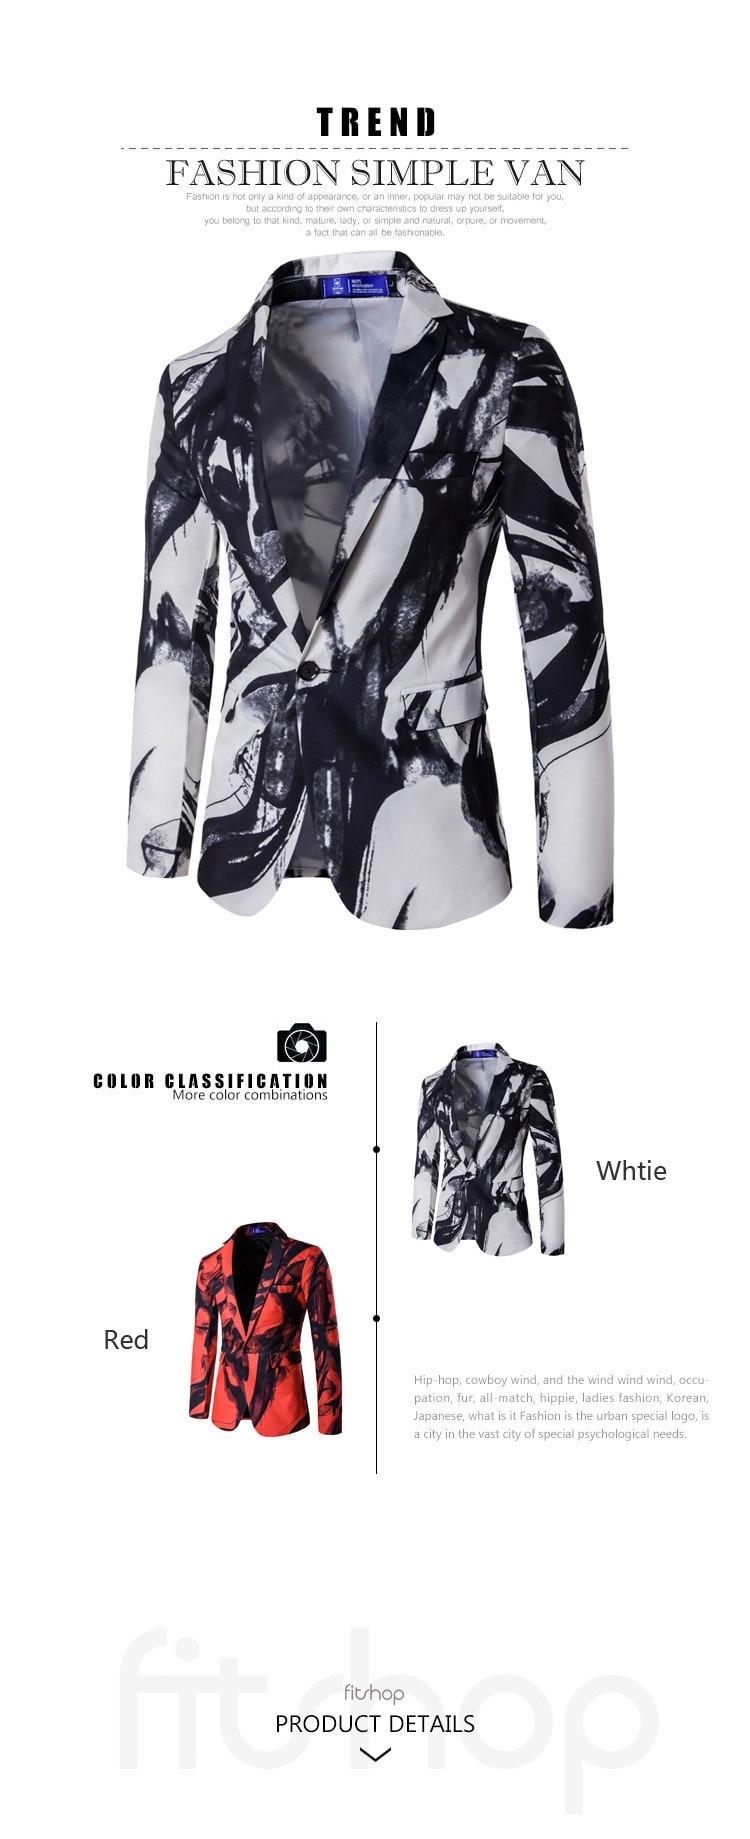 HTB18lnIOVXXXXbrXVXXq6xXFXXXC - 2016 г. весна и осень Мужская Мода печати для отдыха костюм бабочки Модные принты платье костюм Красочные Пиджаки для женщин